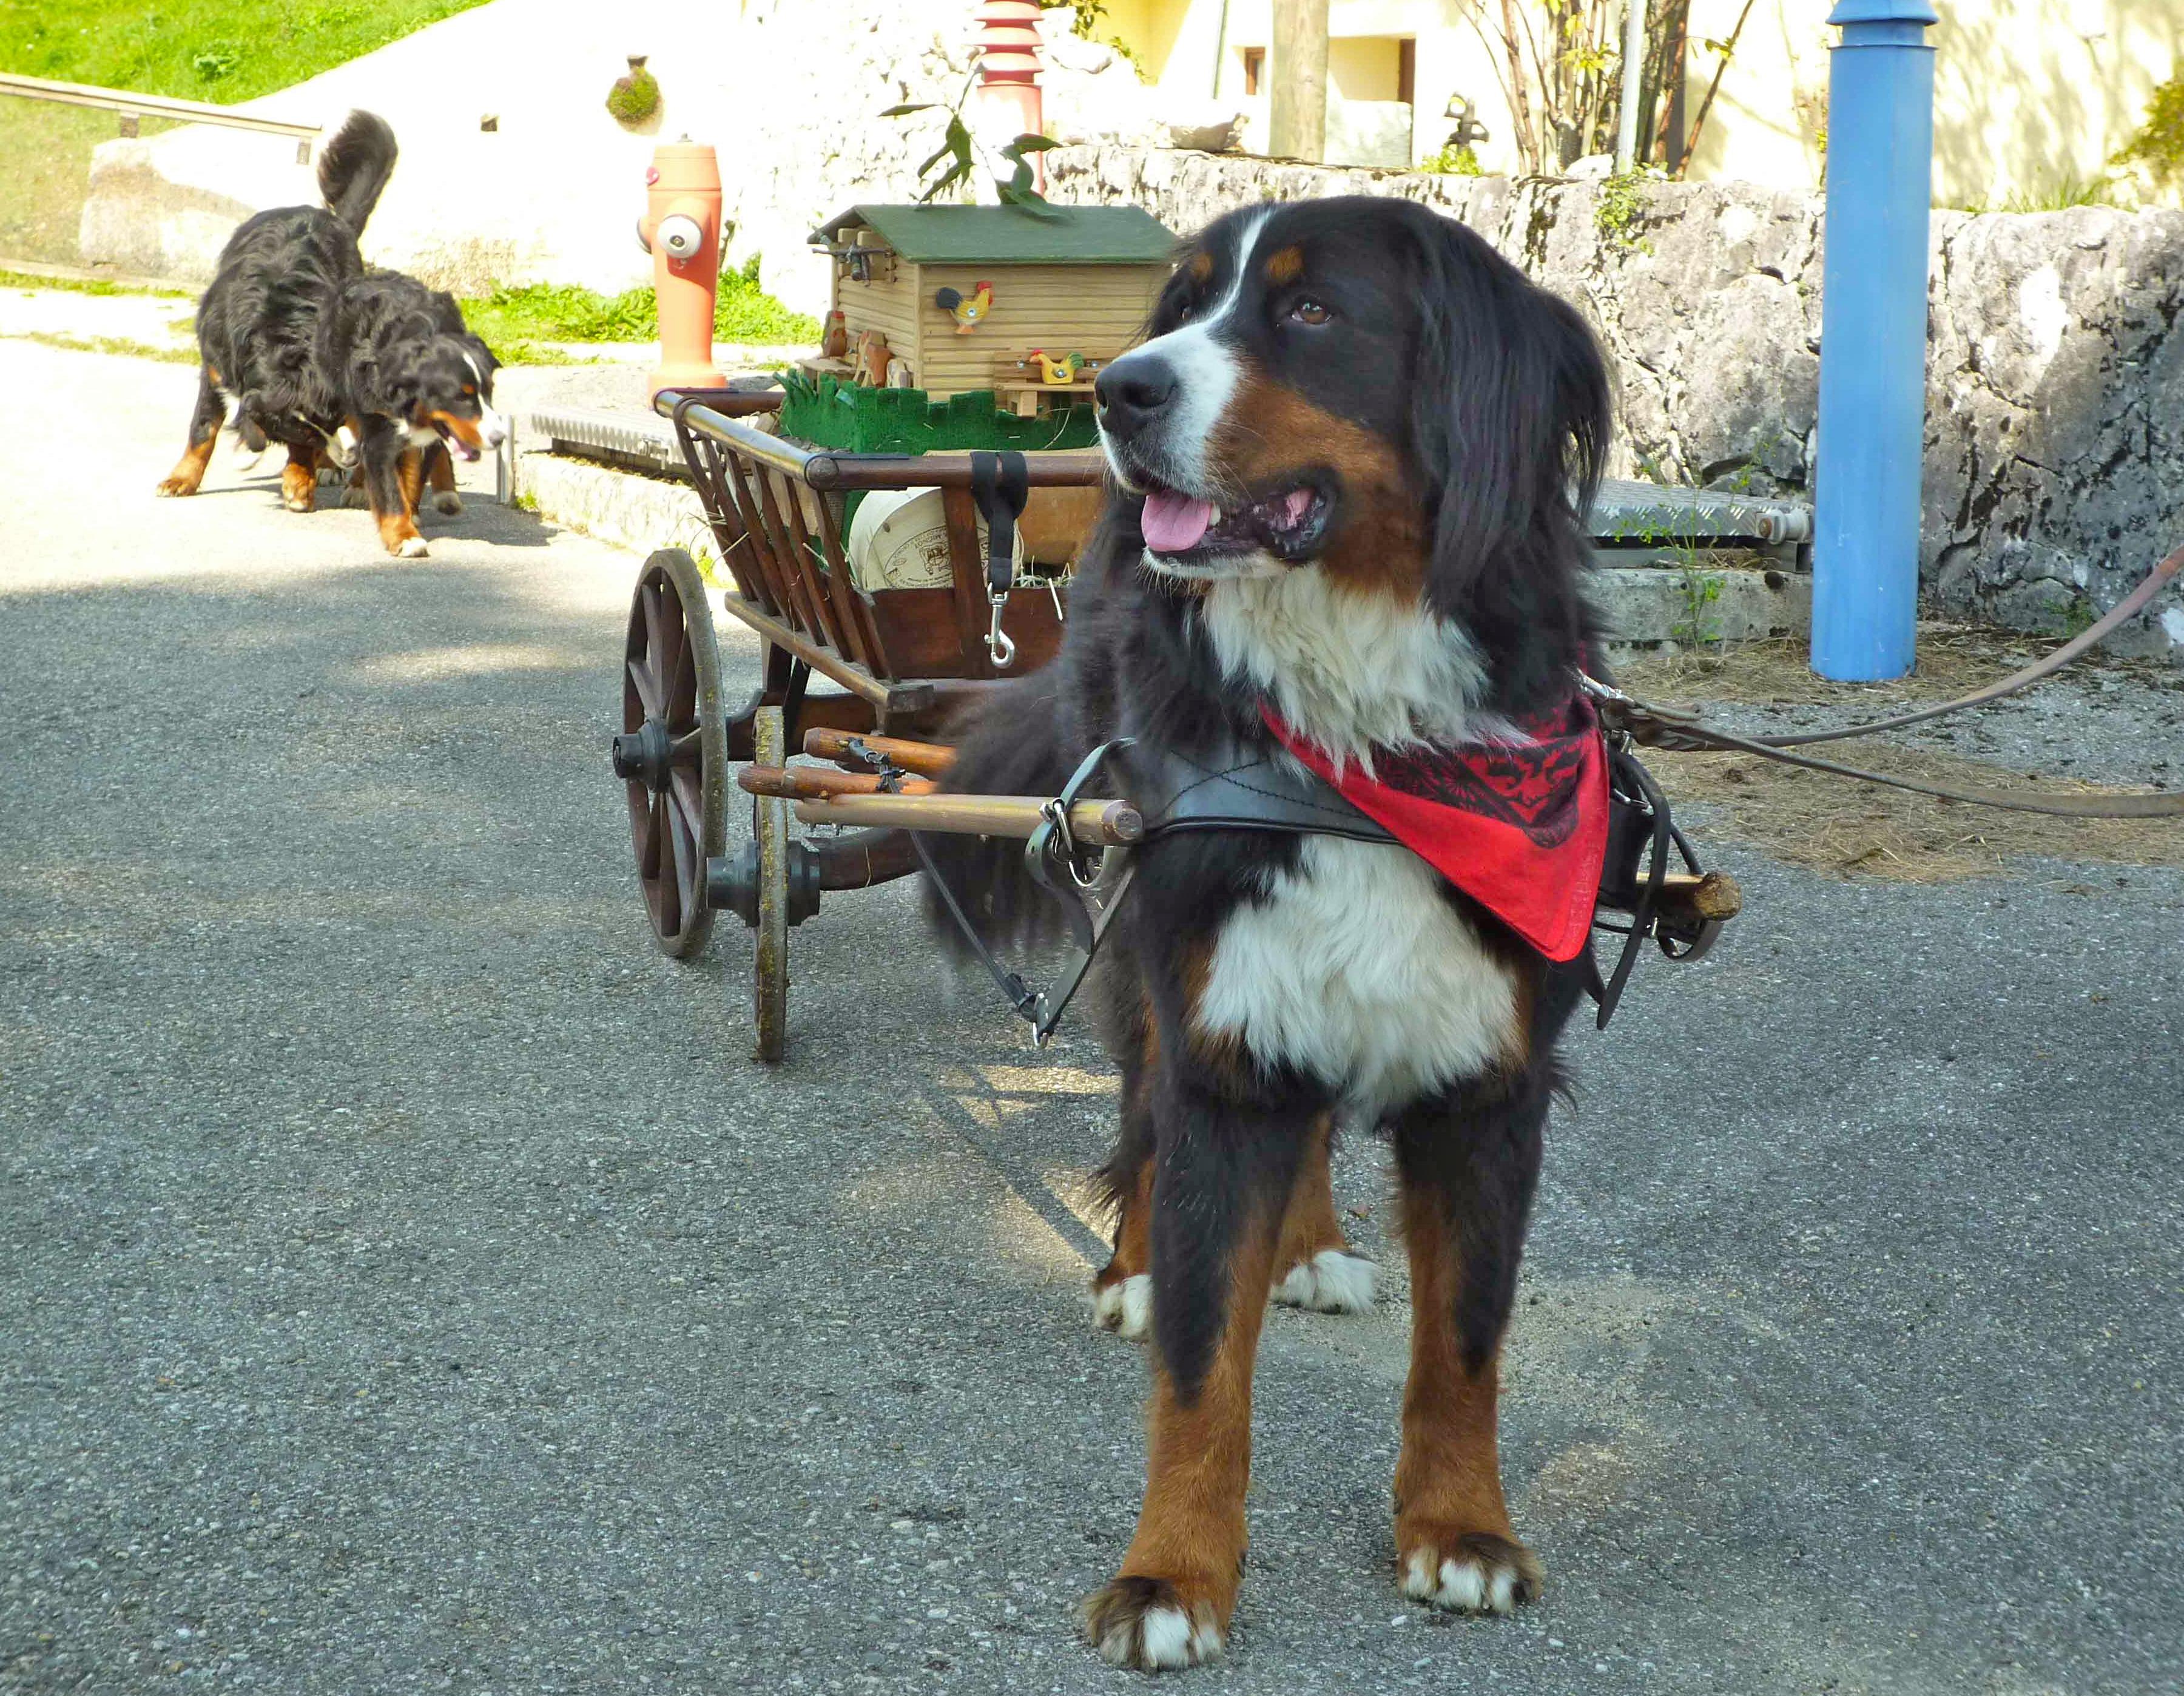 Le défilé des bouviers suisses et du Saint-bernard aura lieu le samedi entre 18h et 20h